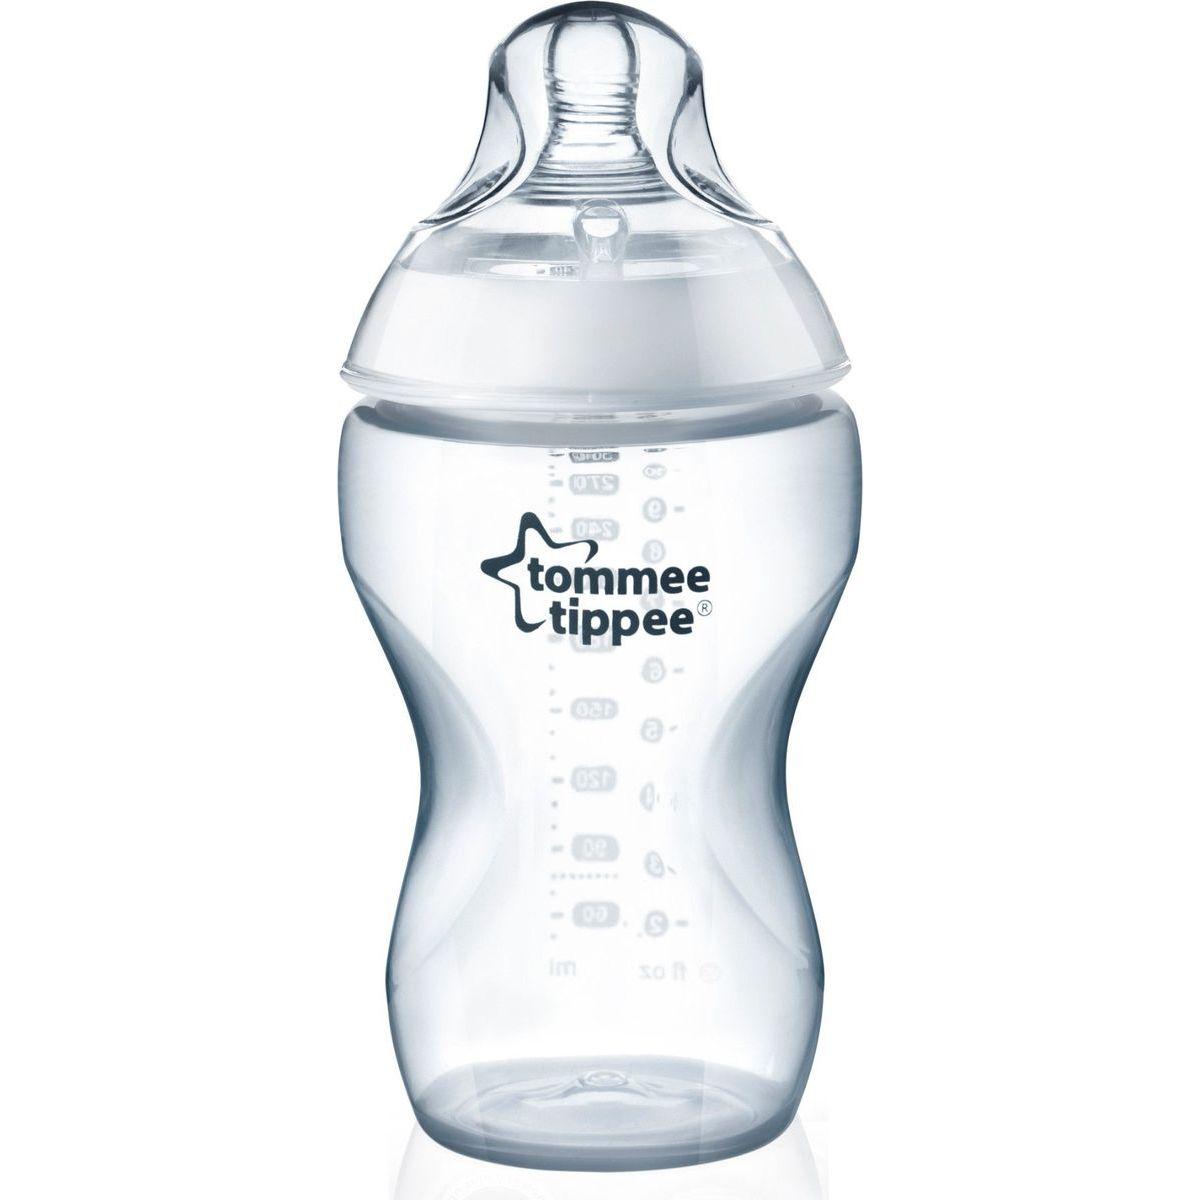 Tomme Tippee Kojenecká láhev C2N 250ml skleněná, 0m+